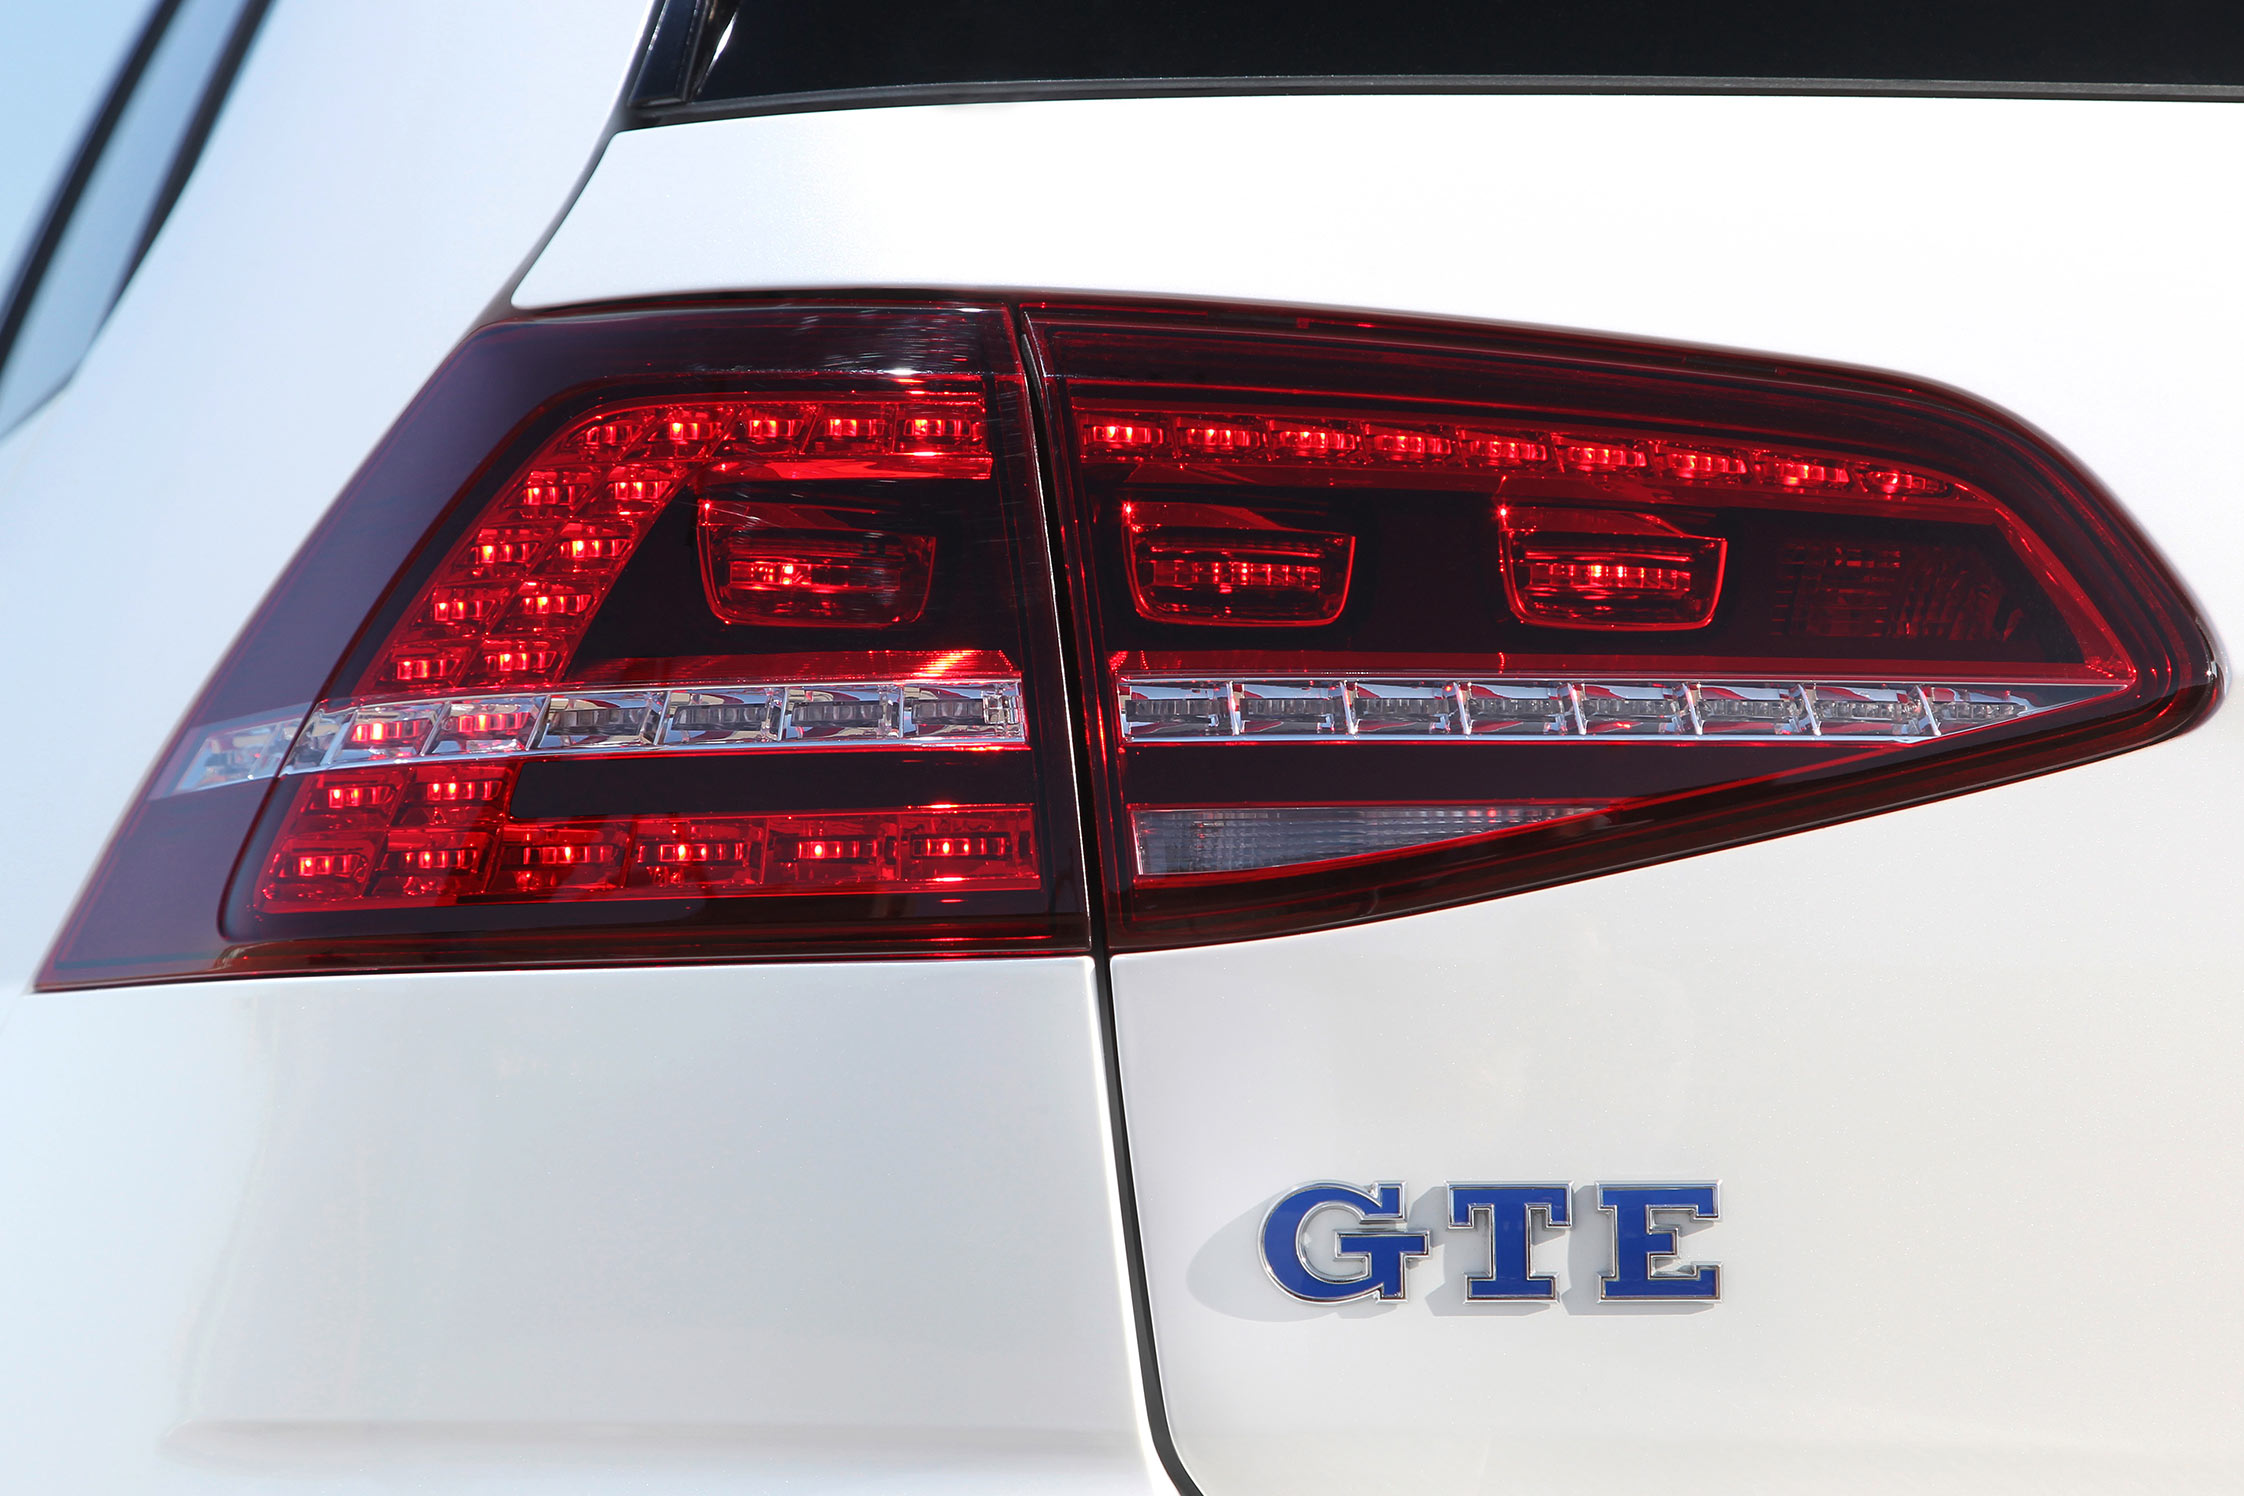 Essai Volkswagen Golf Gte Motorlegend